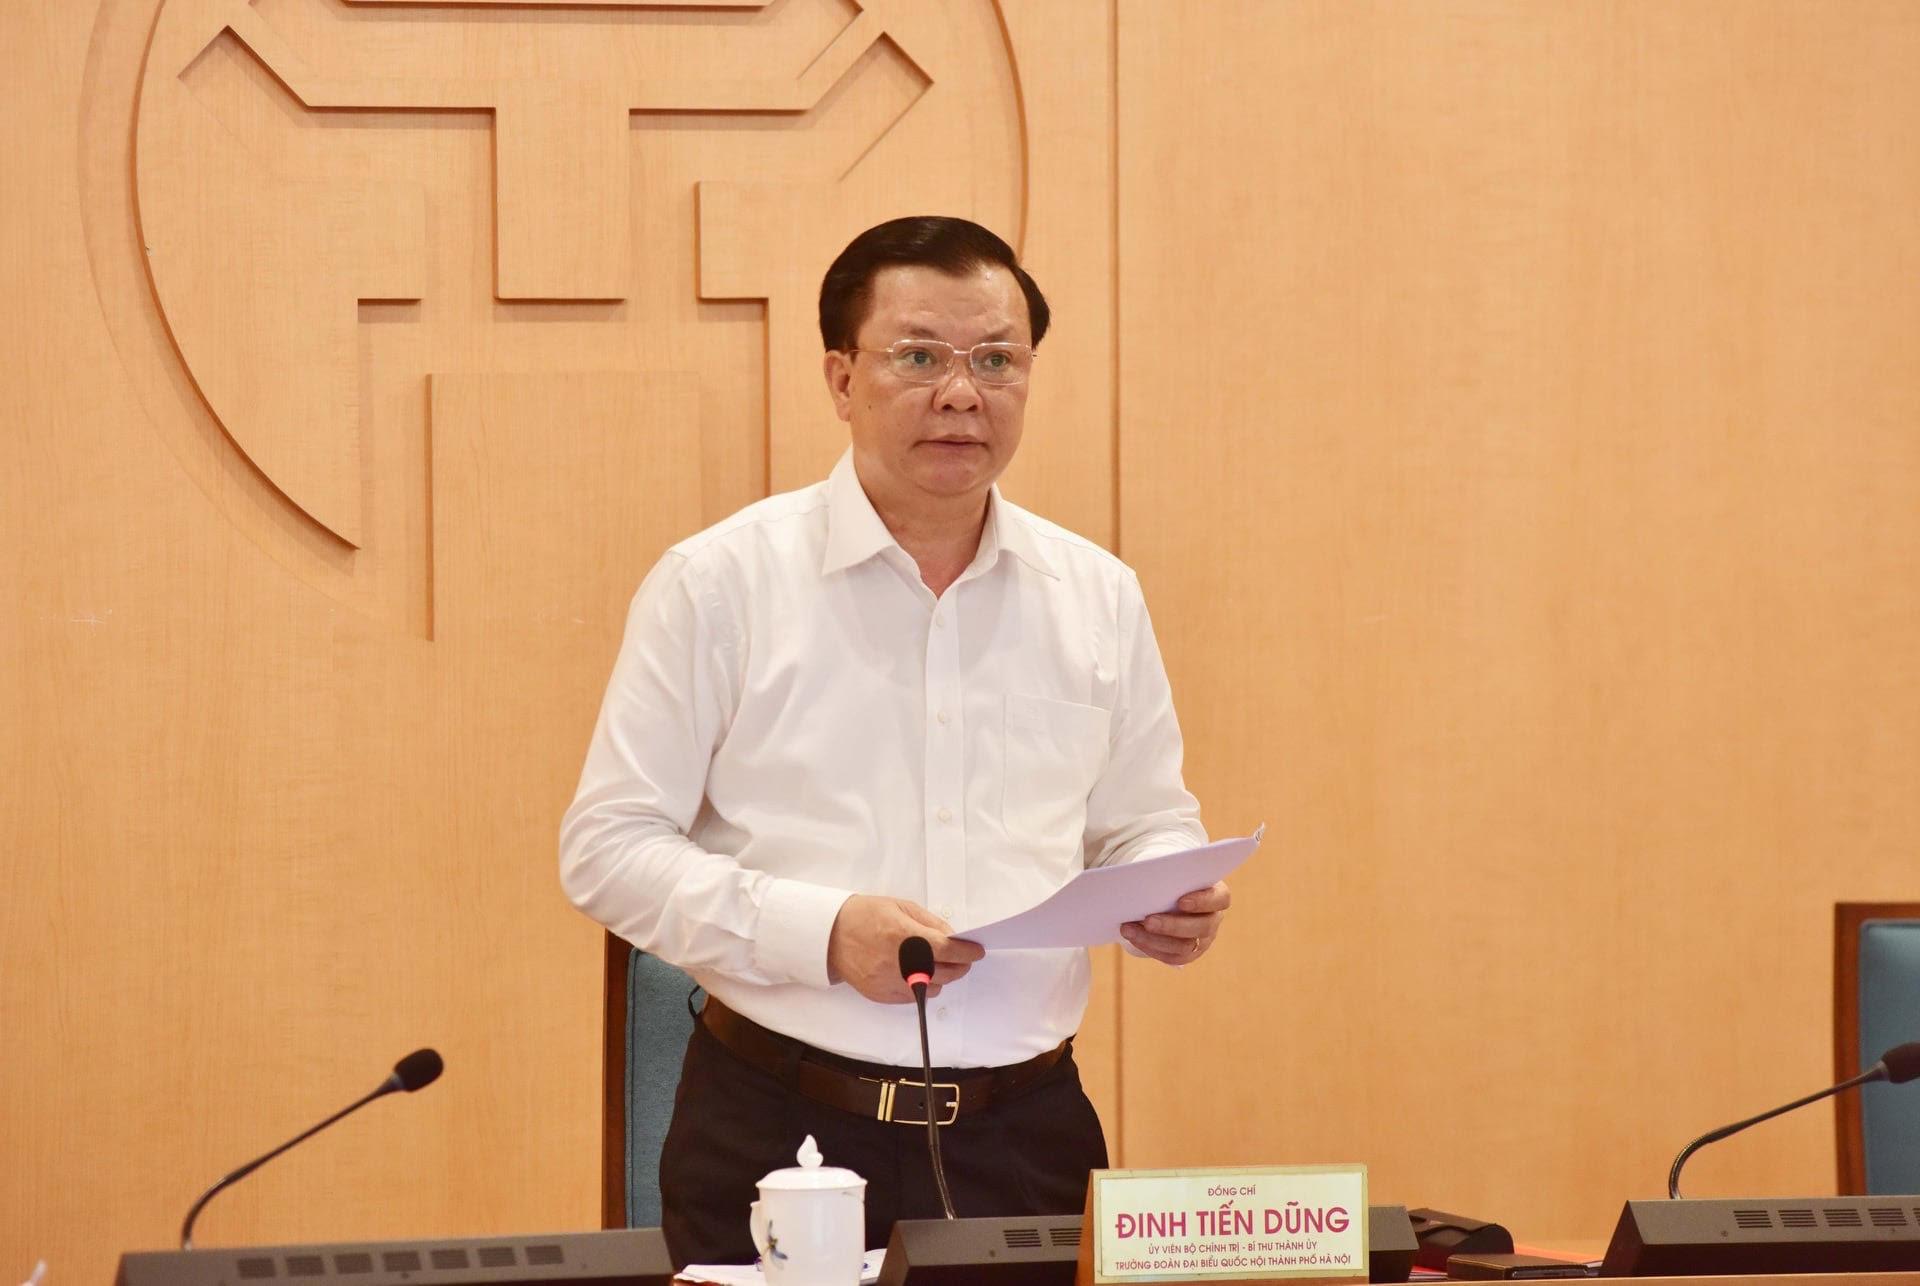 Bí thư Thành ủy Hà Nội nói về lý do thành phố quyết định giãn cách xã hội - 1